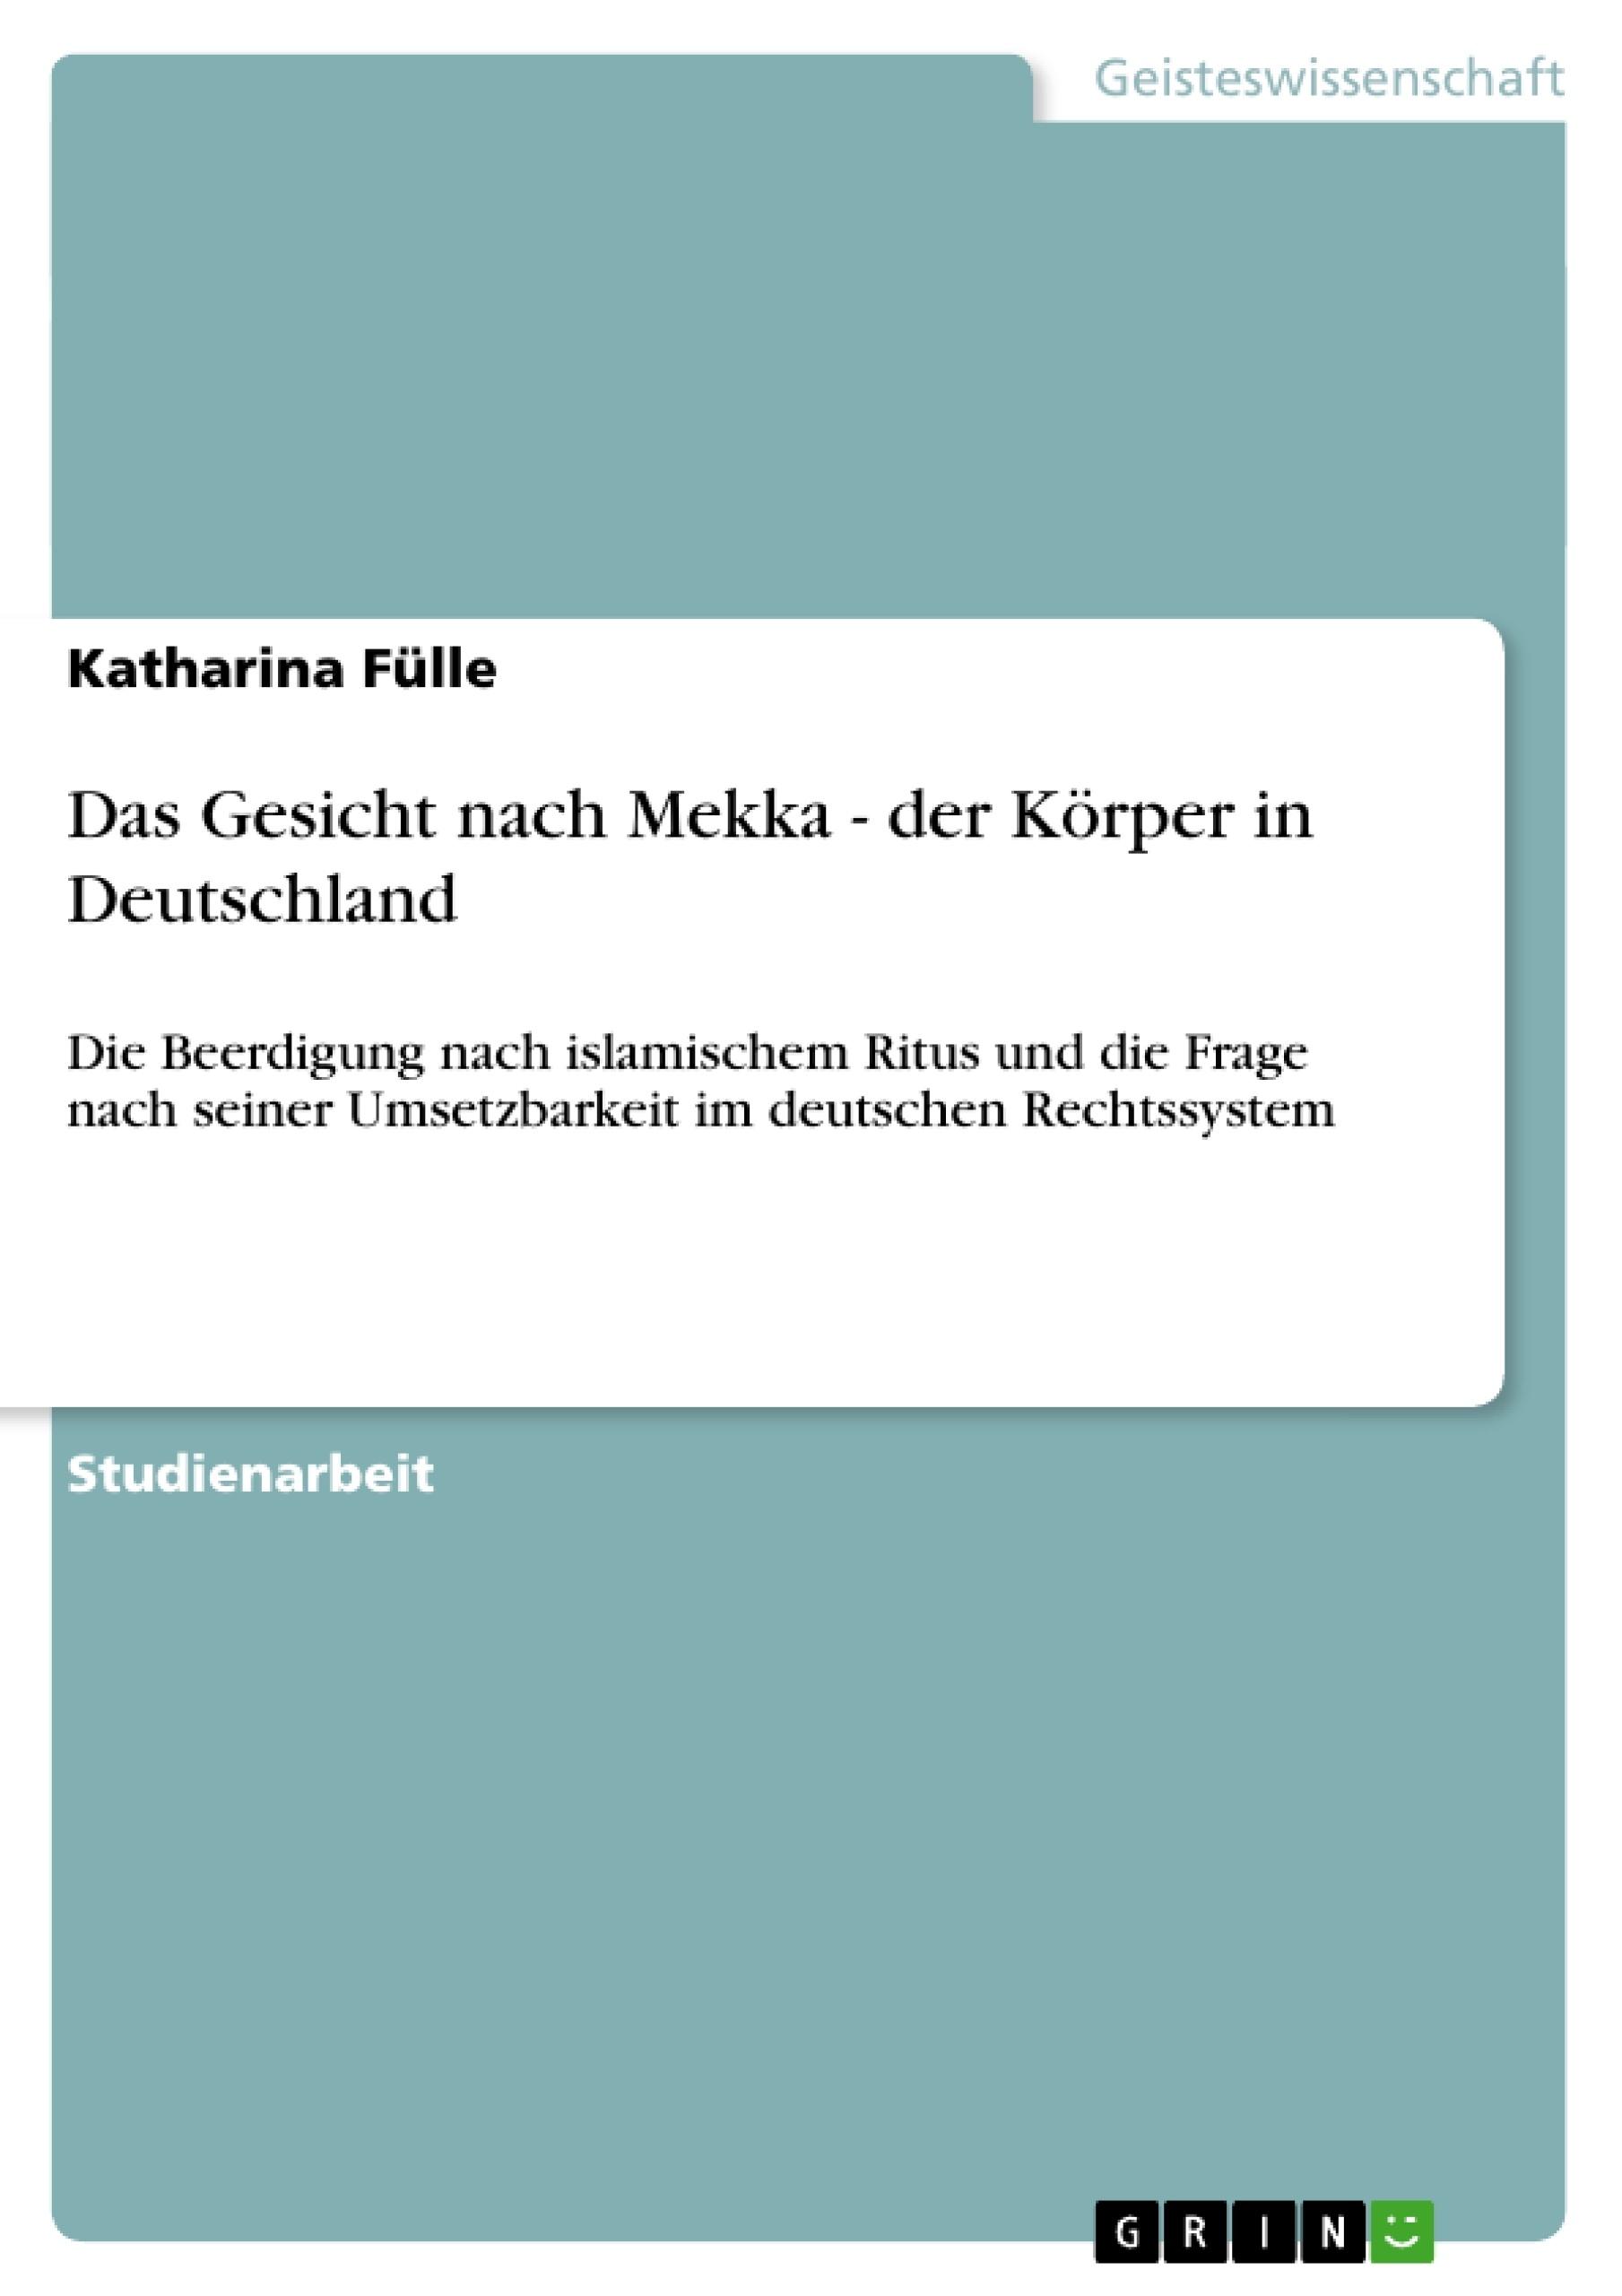 Titel: Das Gesicht nach Mekka - der Körper in Deutschland